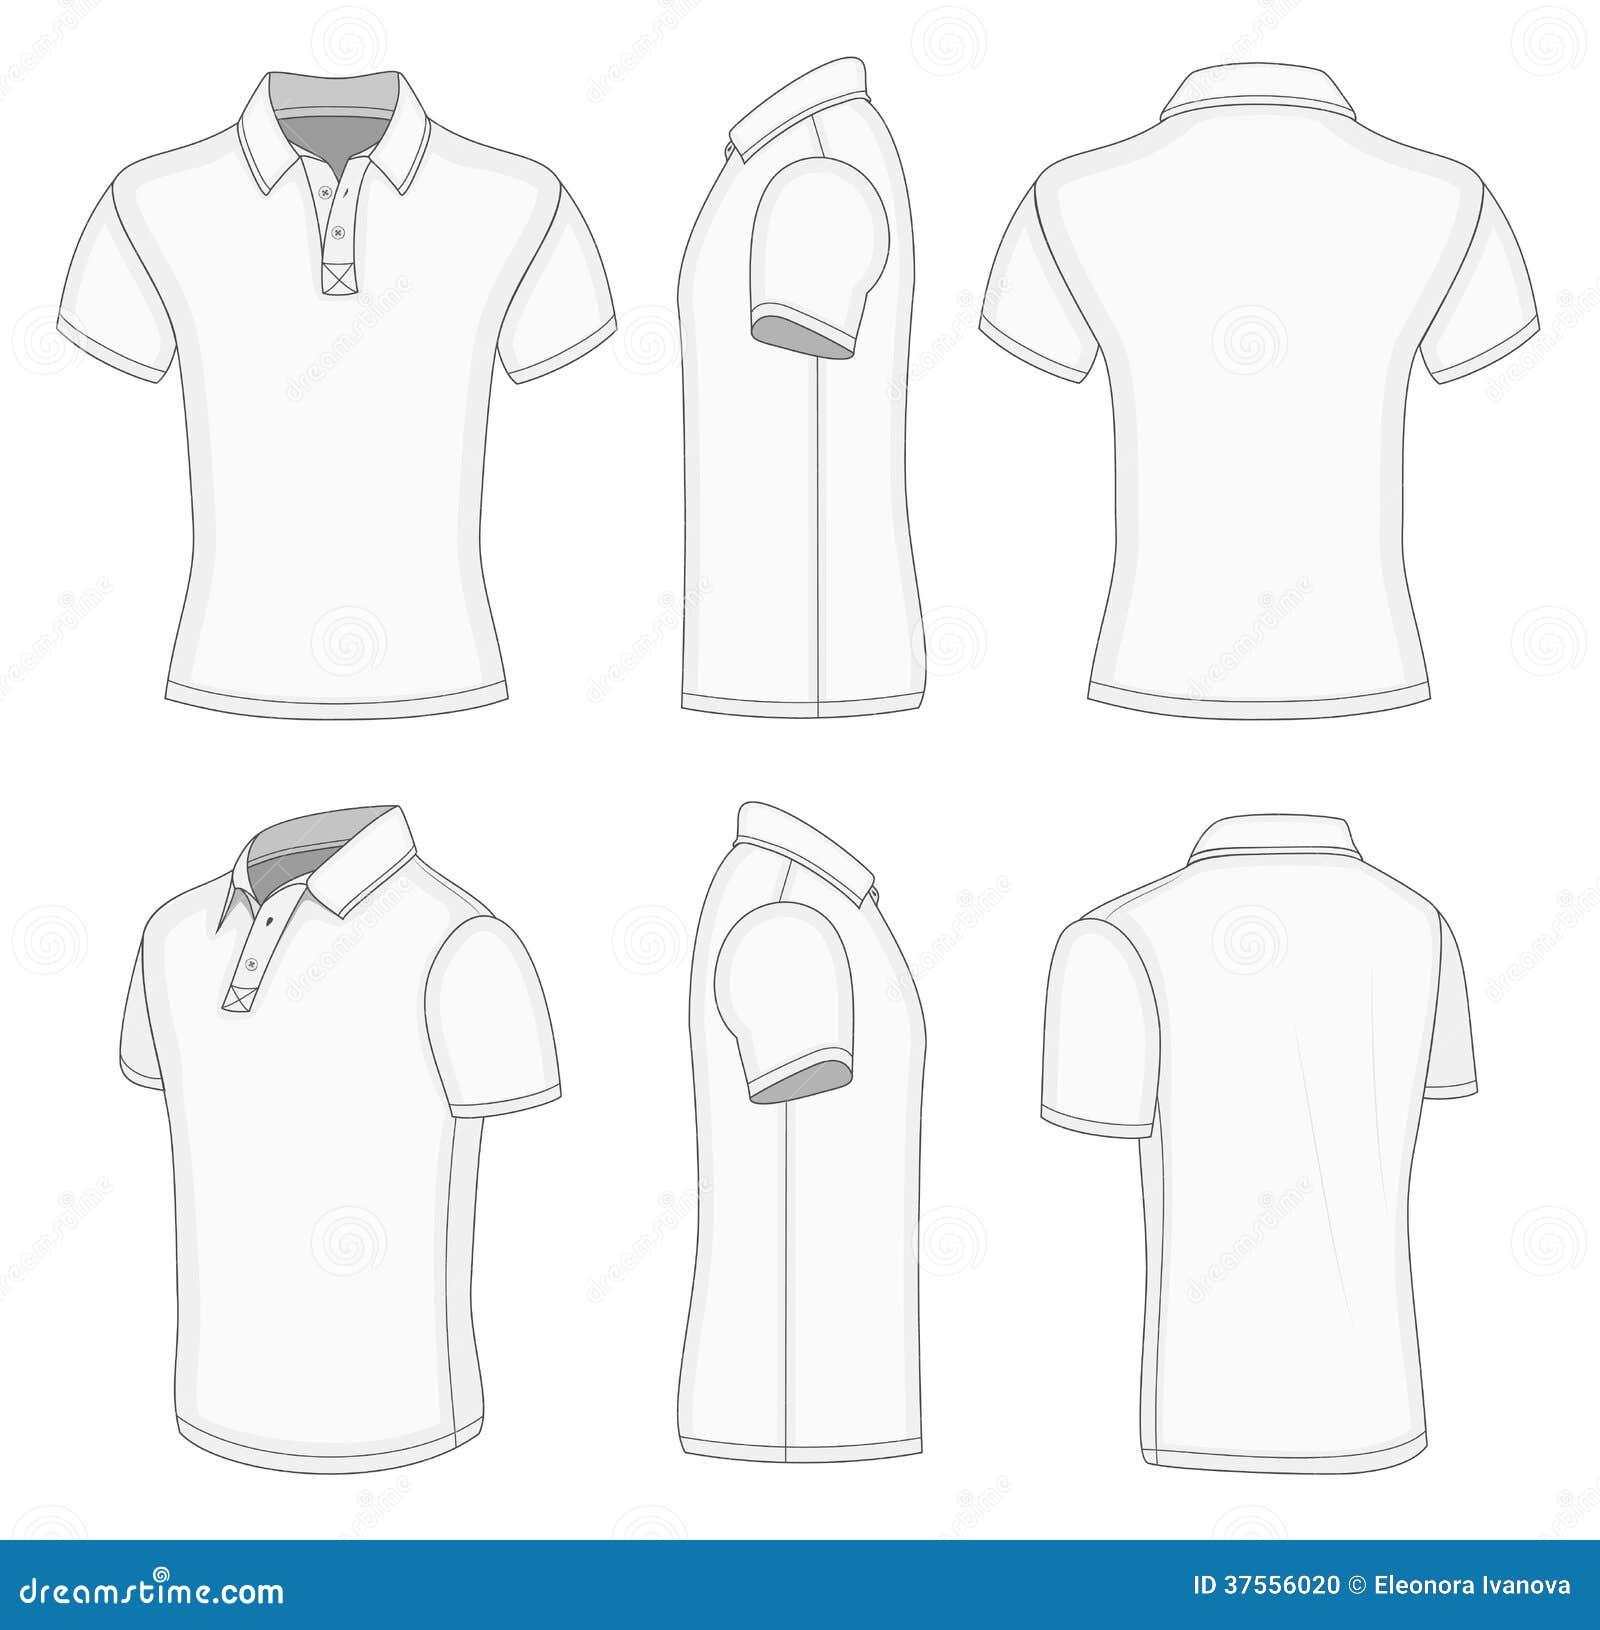 Άσπρο κοντό πουκάμισο πόλο μανικιών ατόμων.